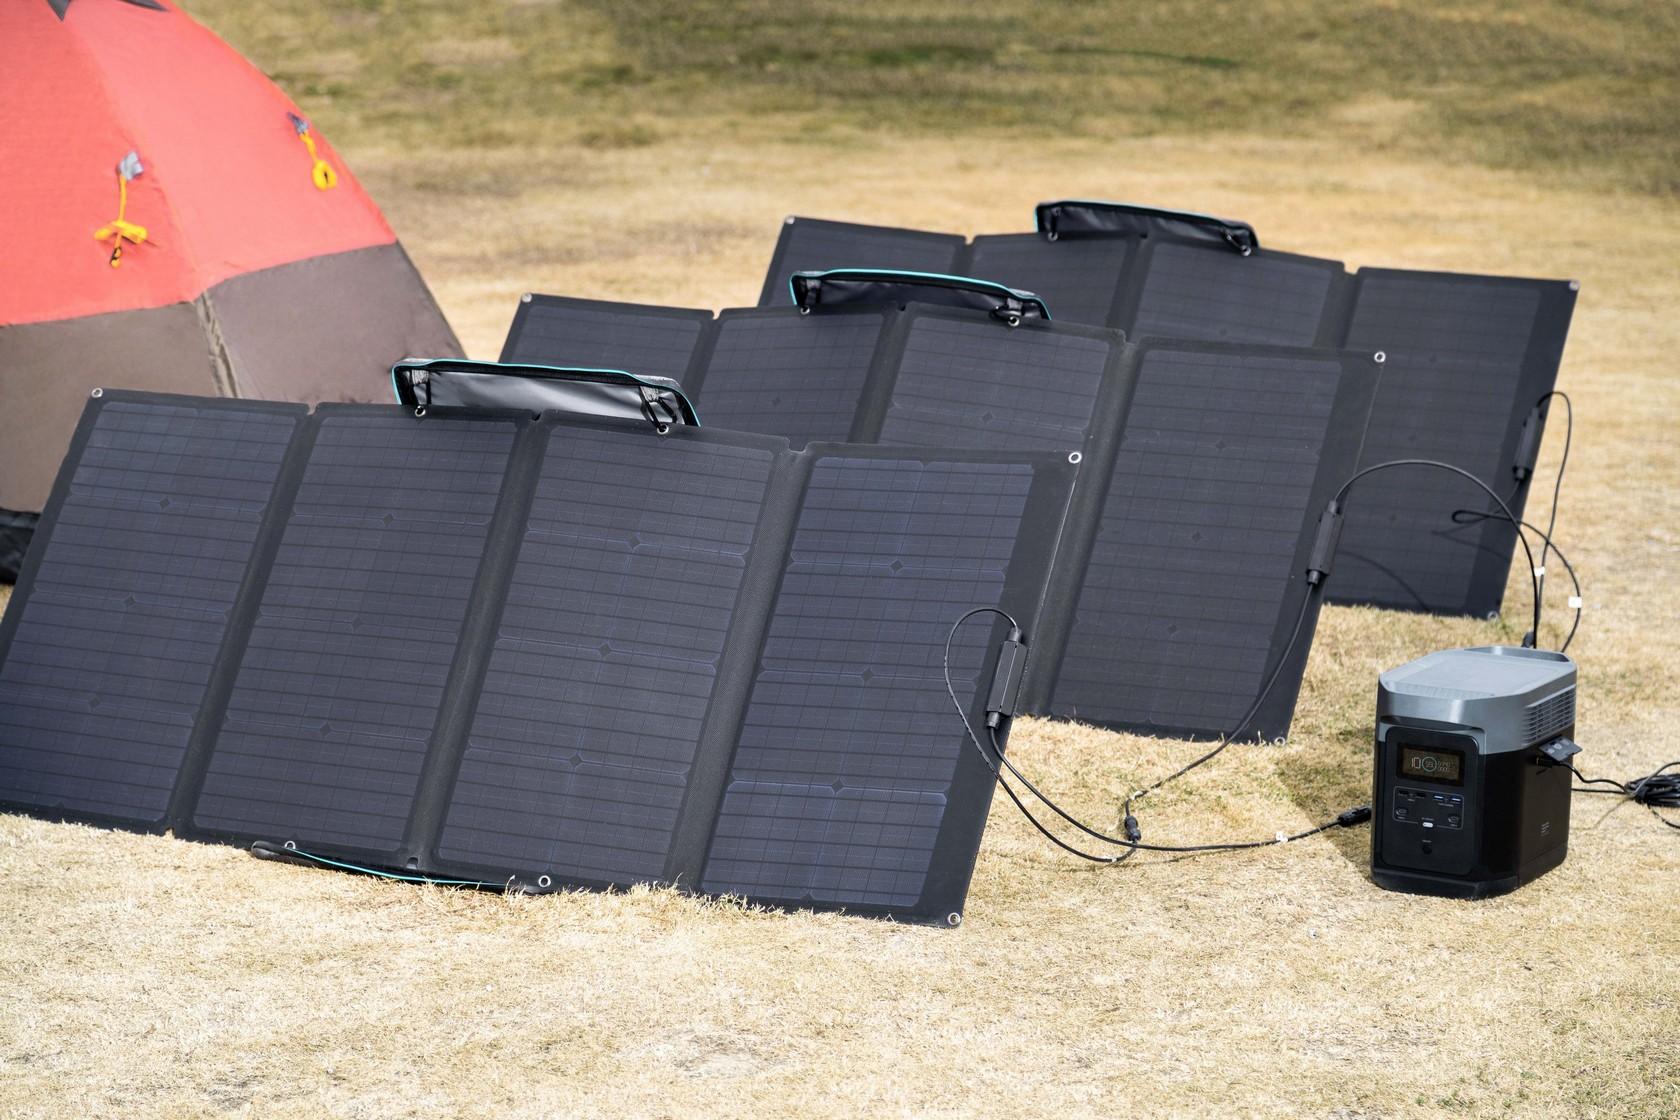 Panneau solaire 160W ecoflow avec batterie delta